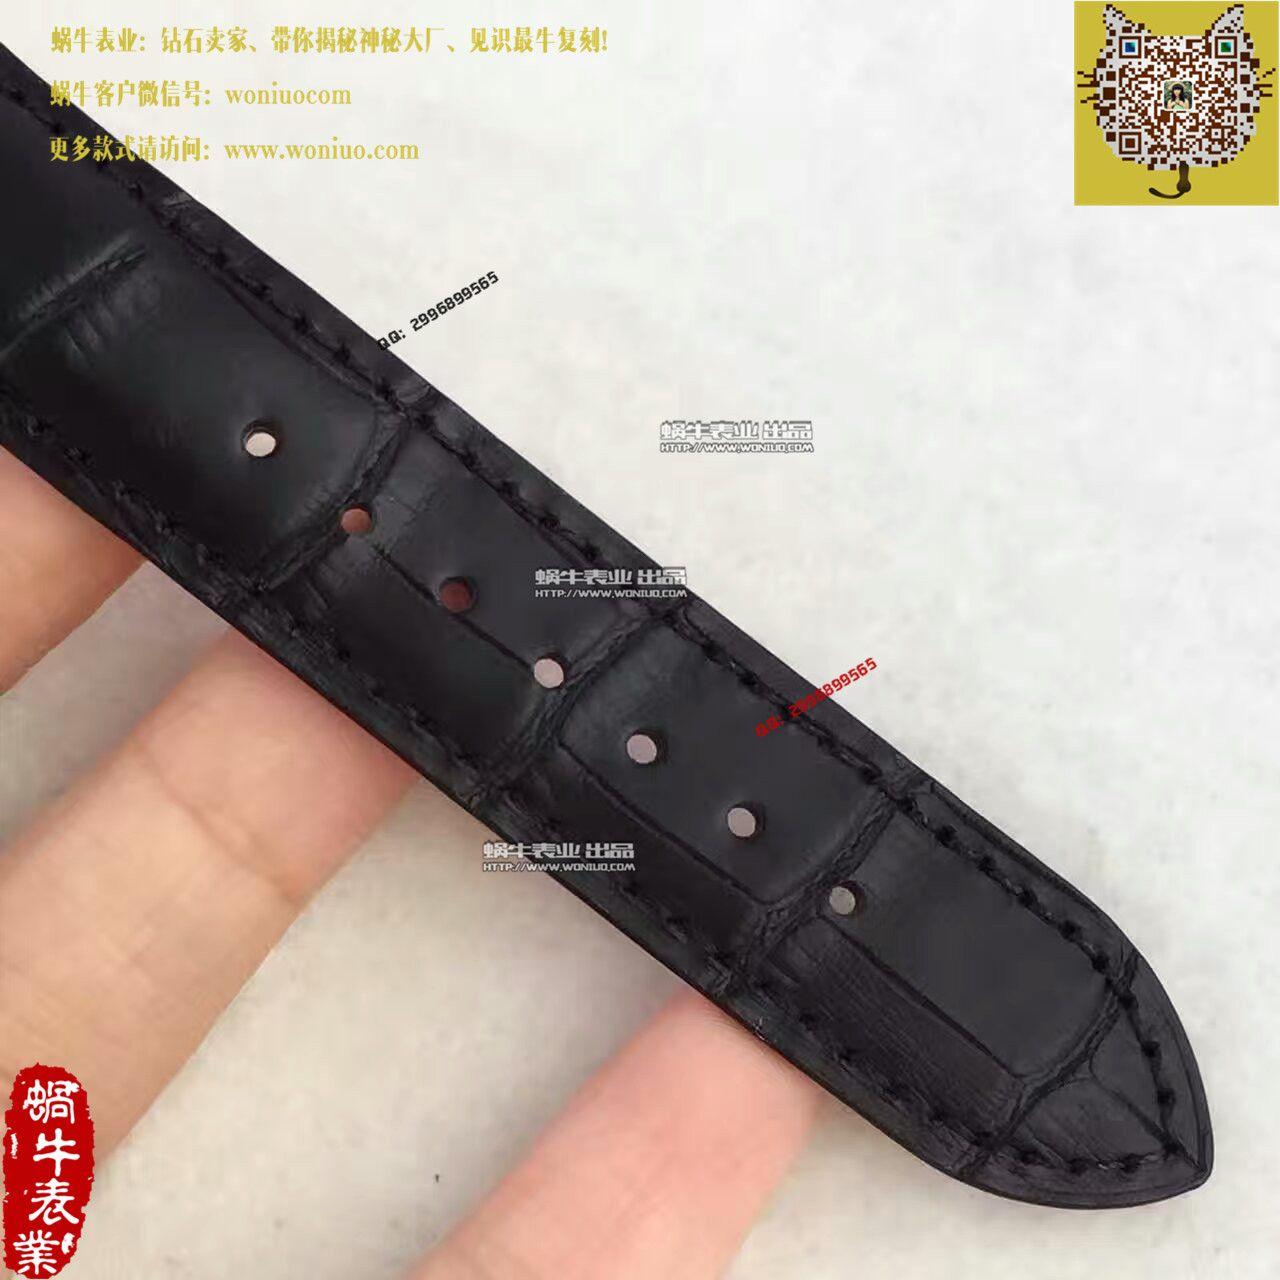 【一比一精仿手表】帕玛强尼Tonda系列PFC267-1000300-HA1441腕表 / PM019